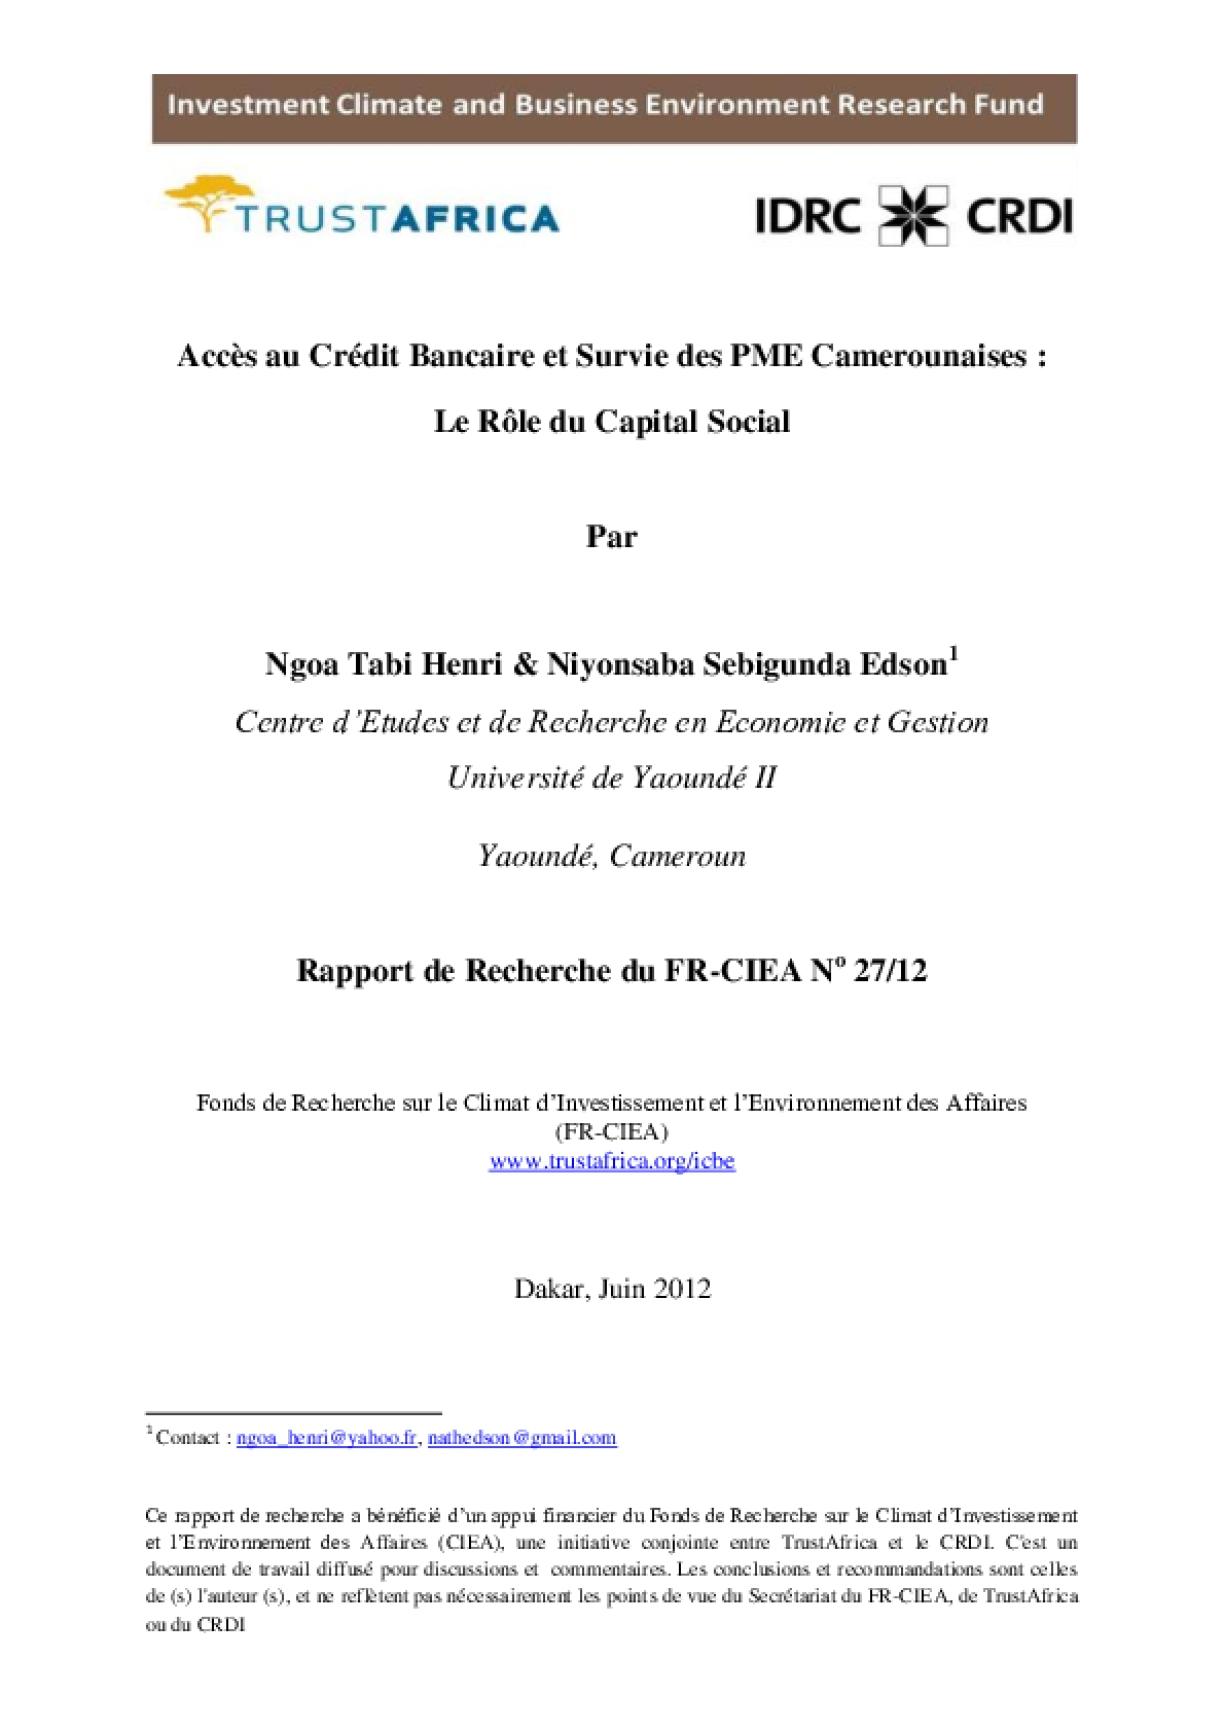 Accès au Crédit Bancaire et Survie des PME Camerounaises_Le Rôle du Capital Social